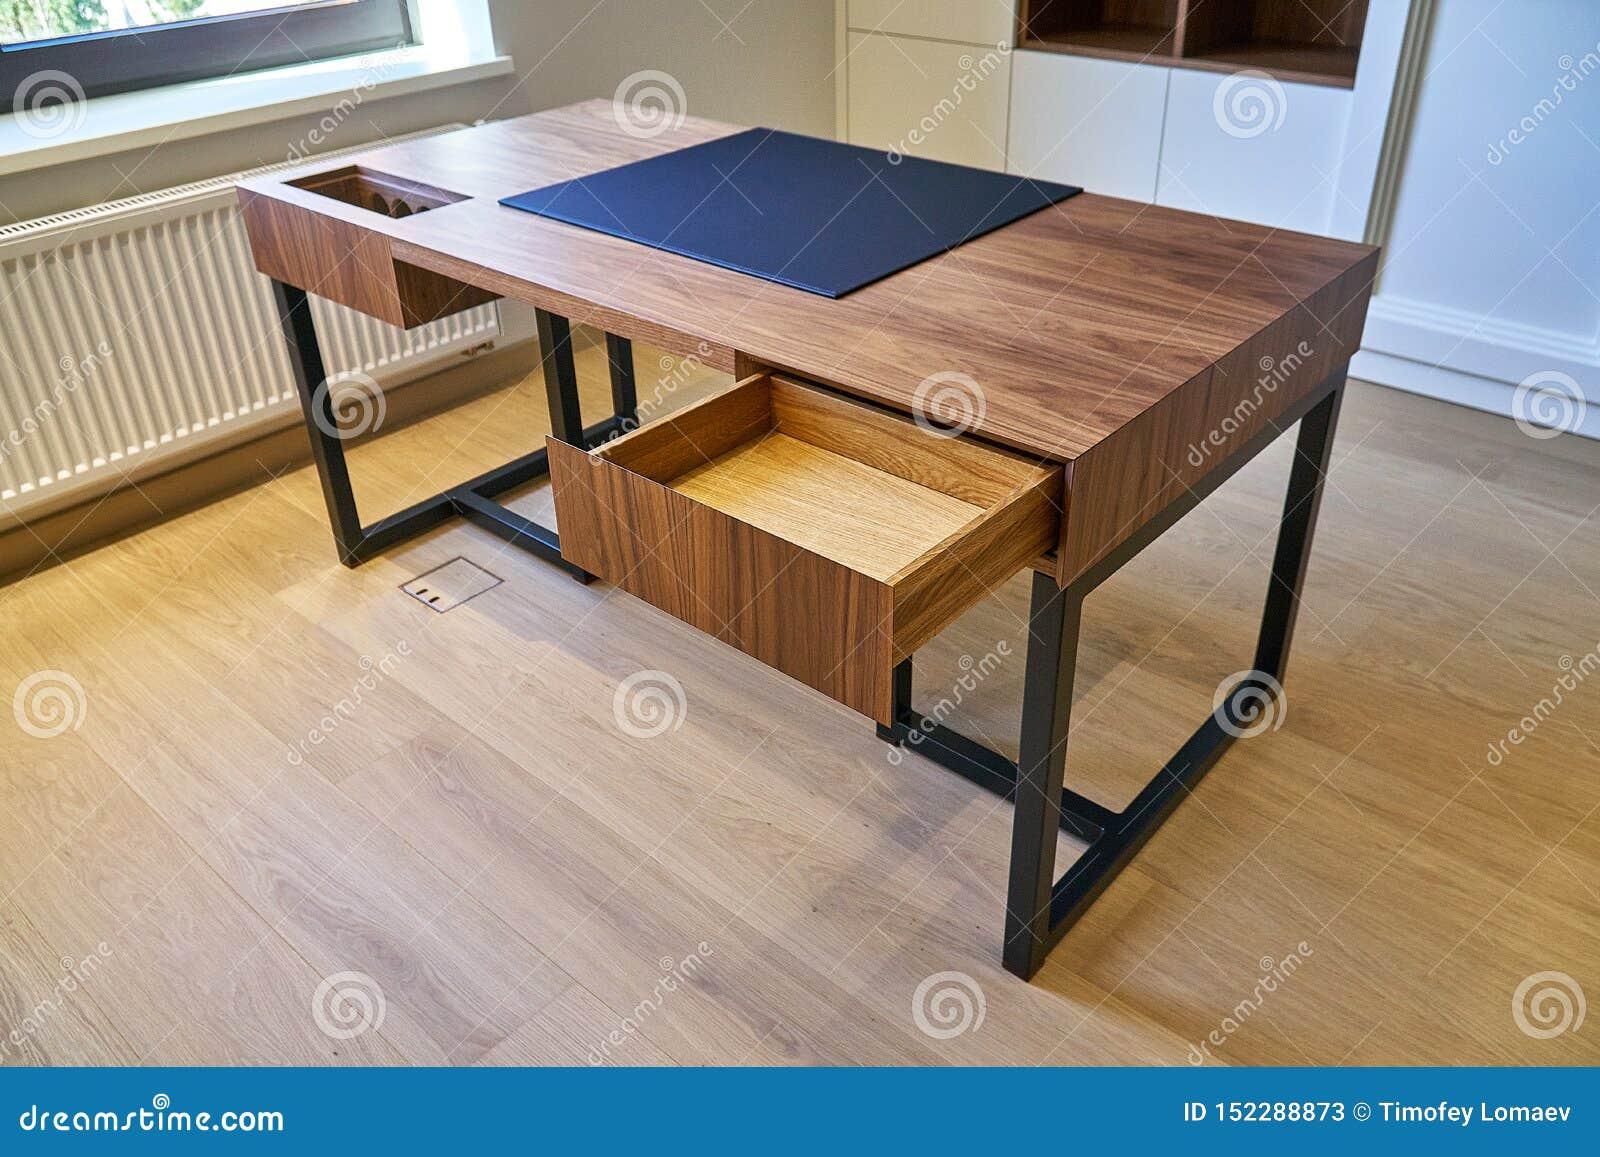 Design Of Wooden Desk For Modern Office Stock Image Image Of Elegance Minimal 152288873